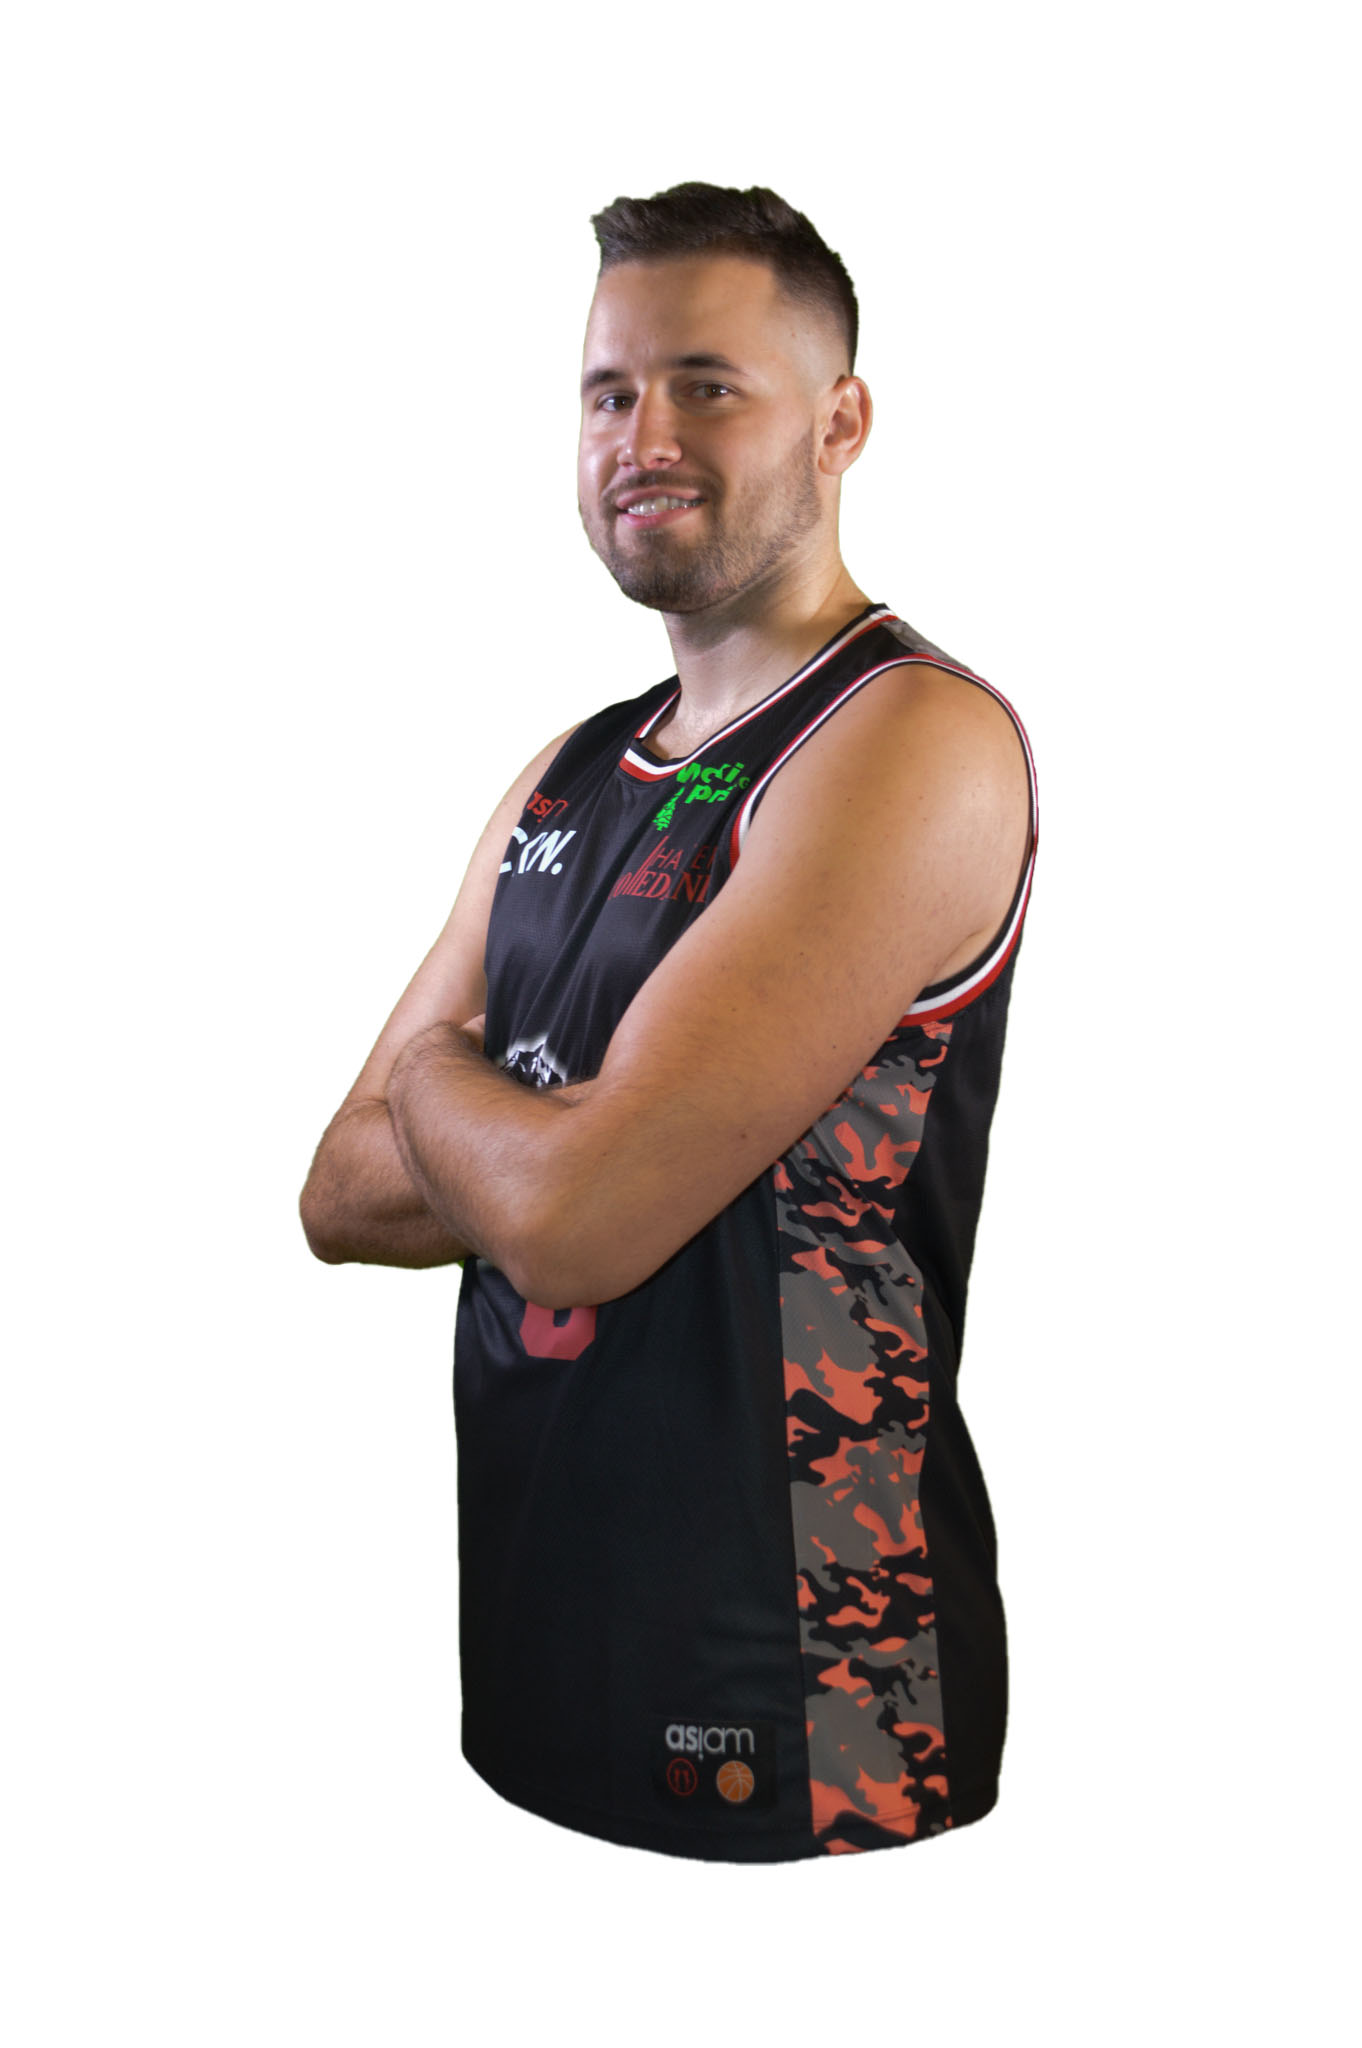 Branko Tomic